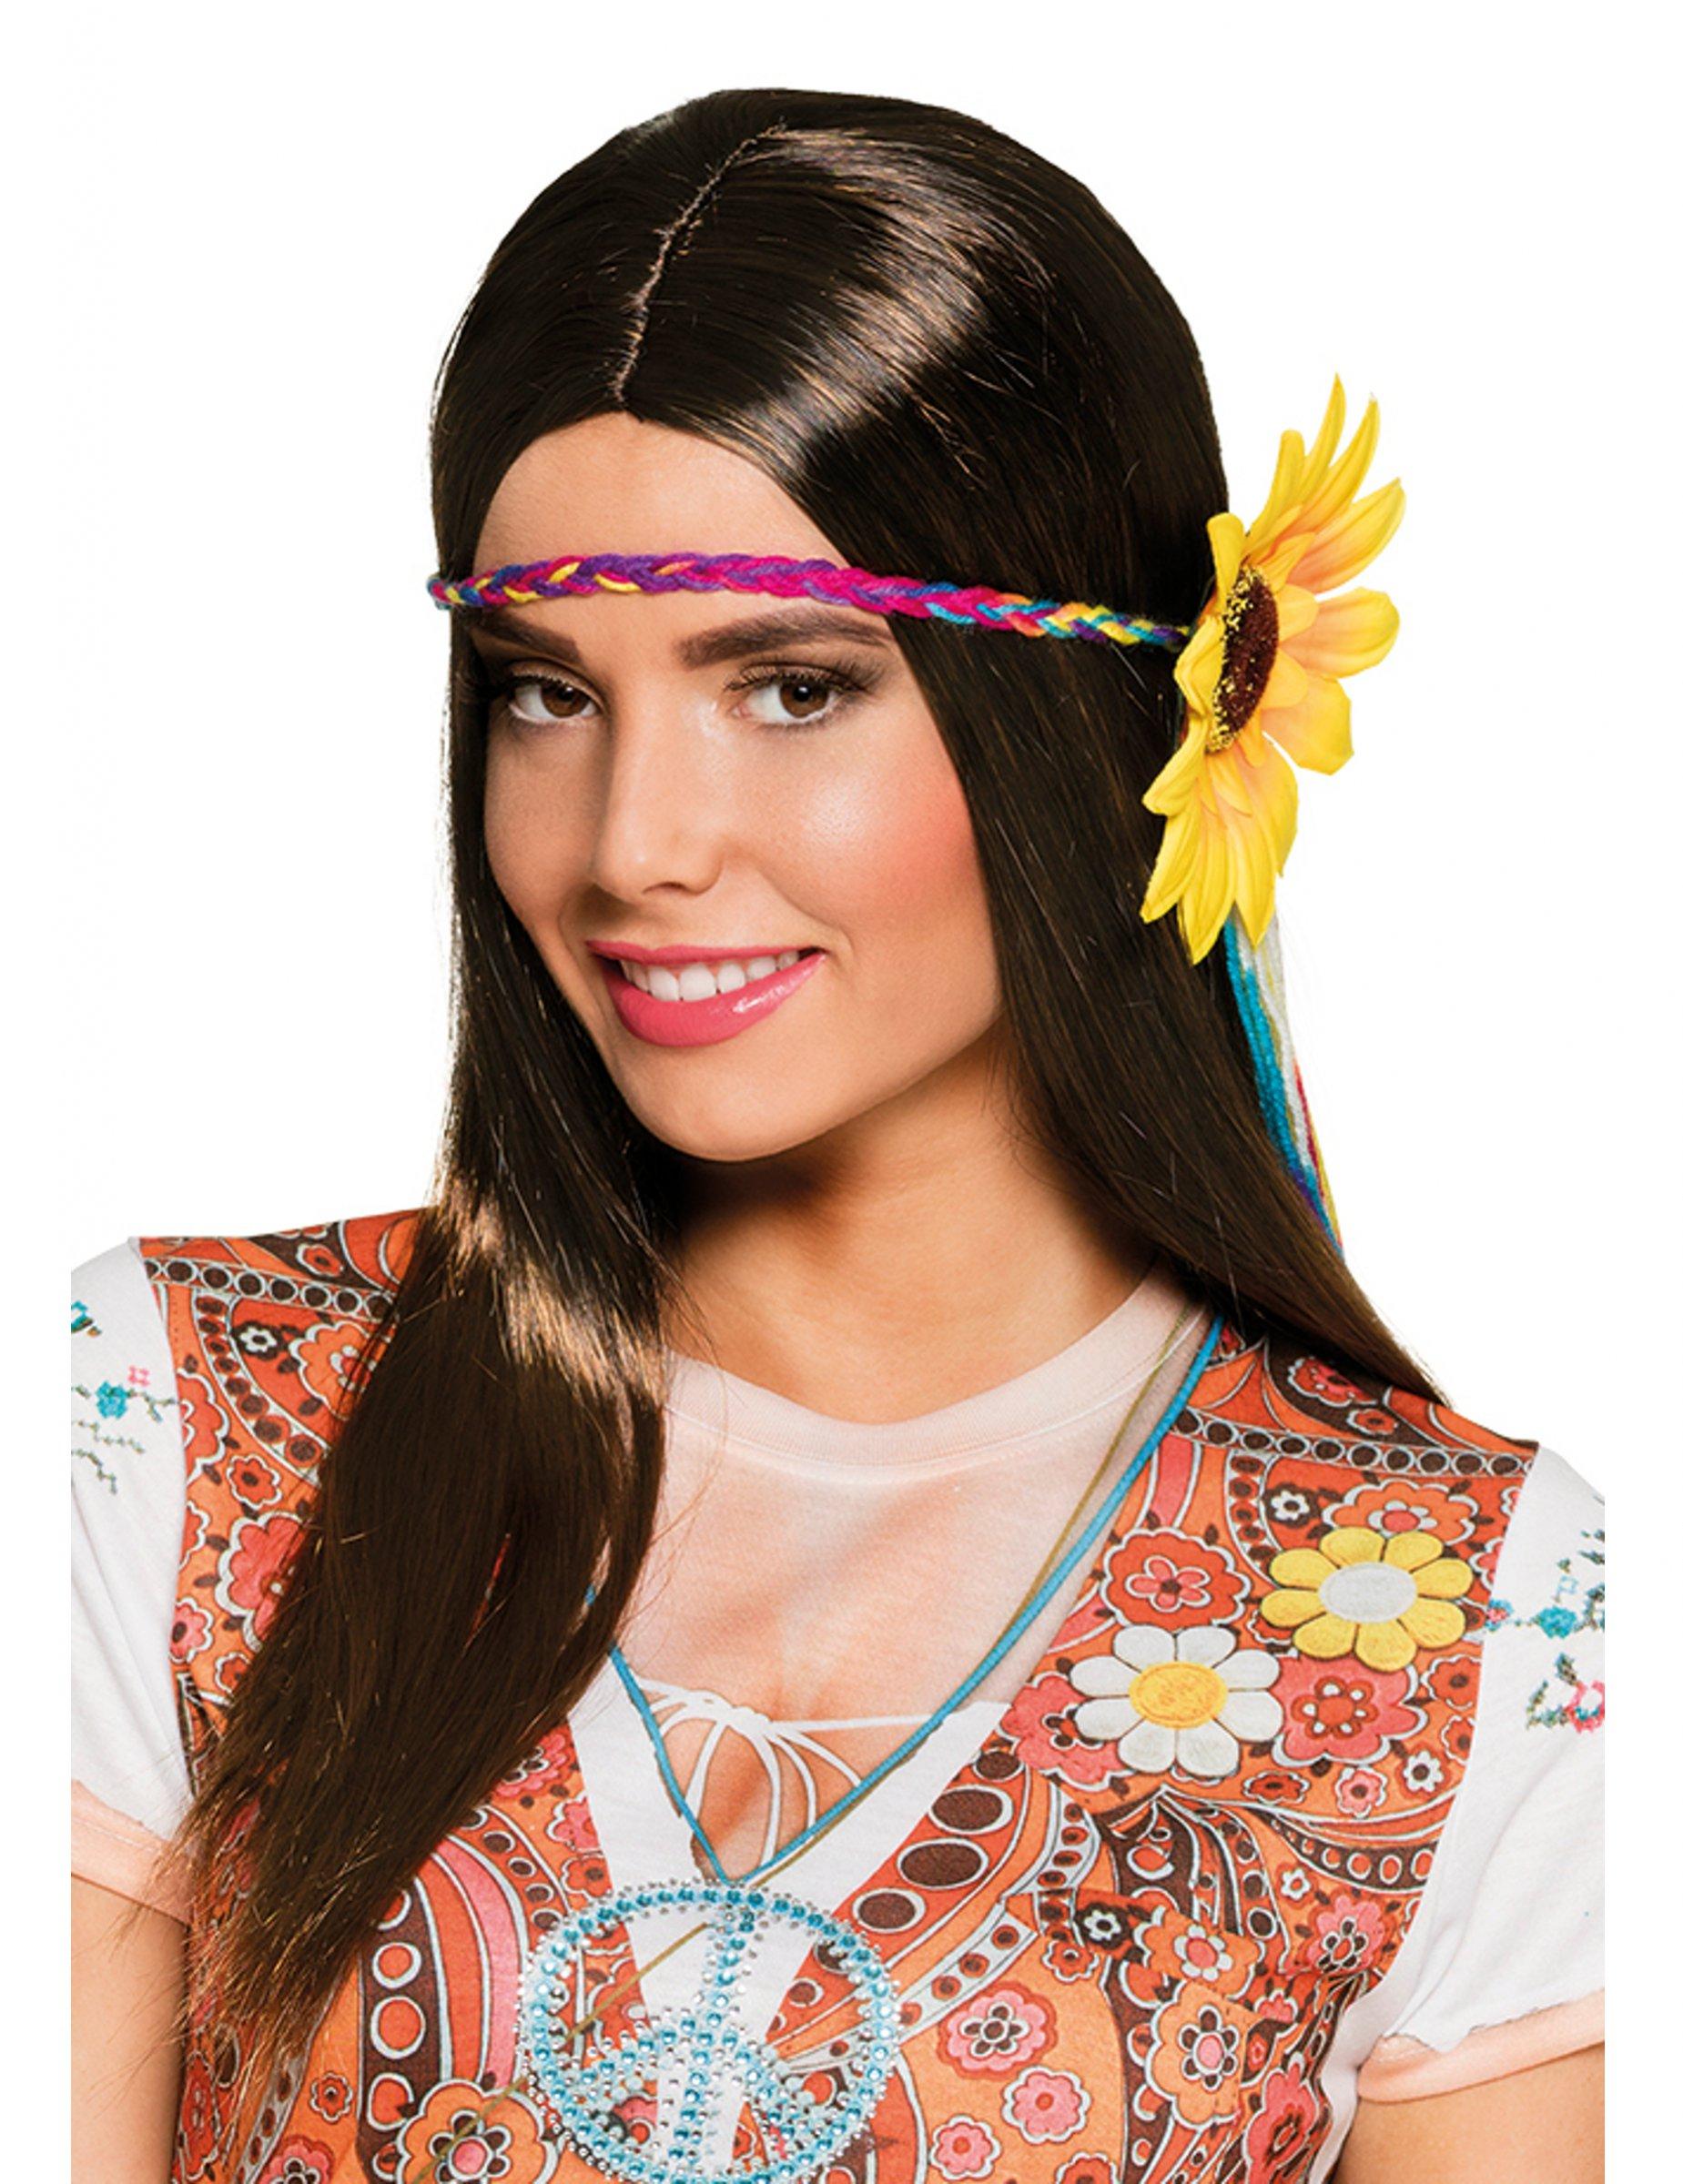 8f0edc46f0e1 Långt hår med pannband - Peruk till maskeraden, köp Peruker på Vegaoo.se